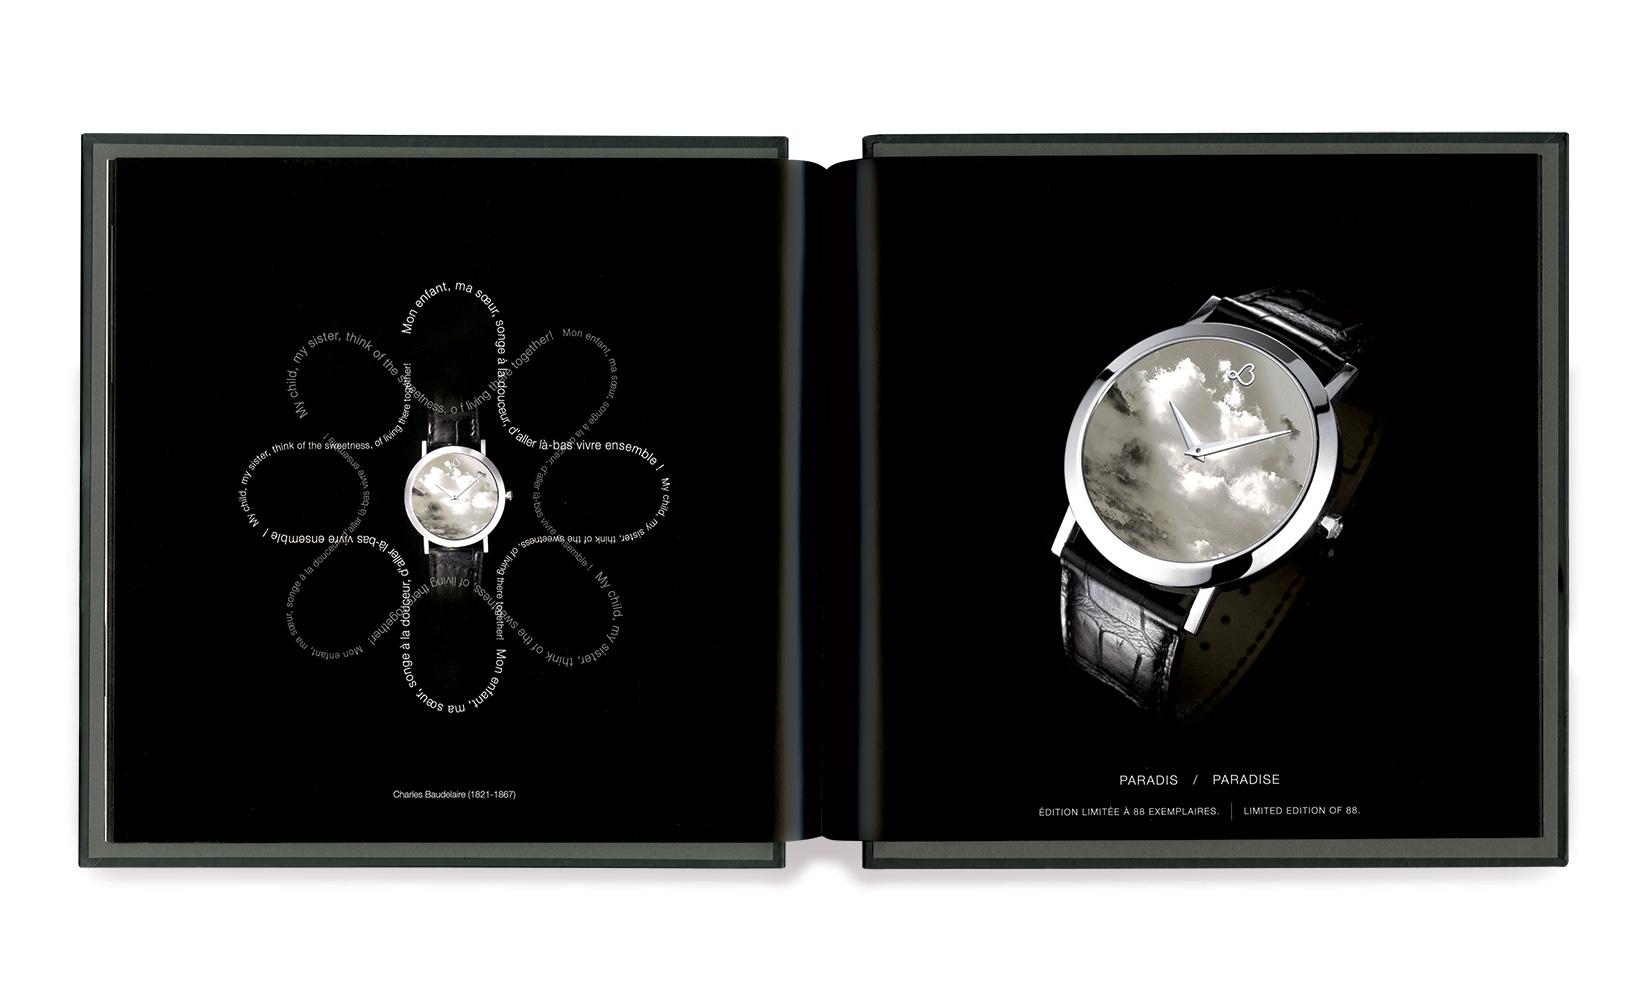 Lorenz-baumer-montres-p2.jpg